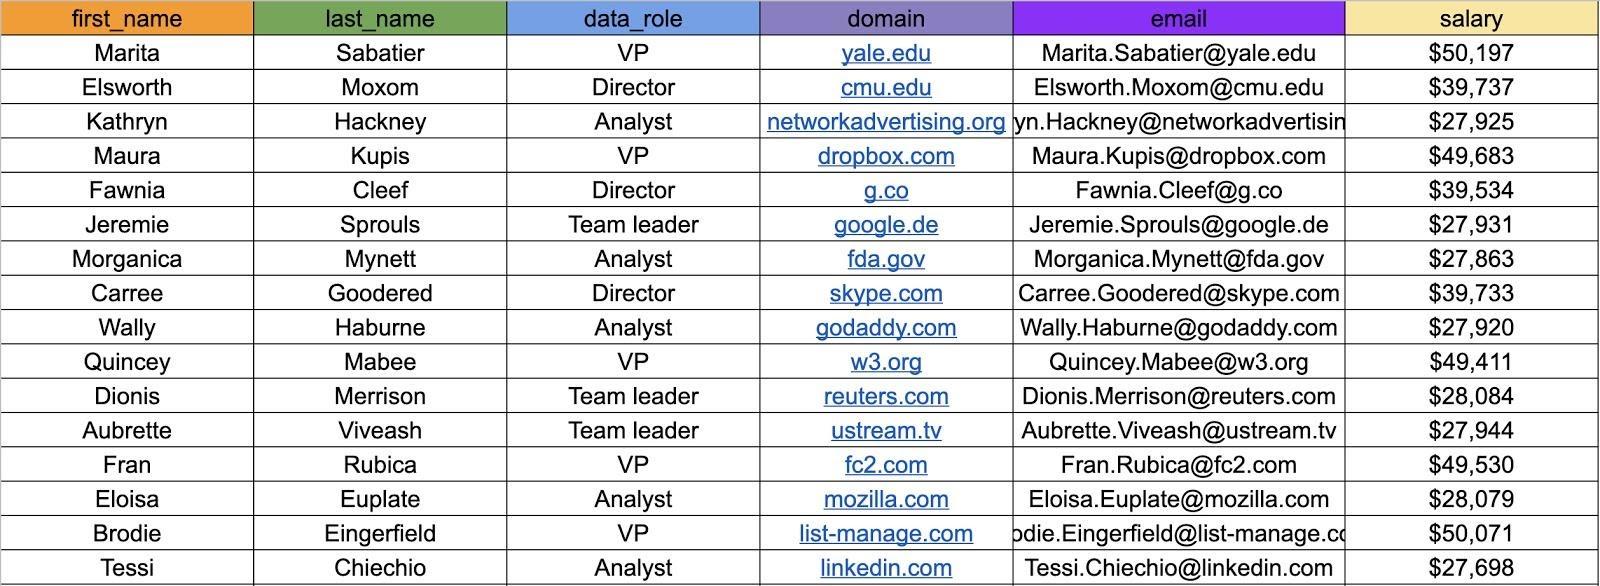 טבלת נתונים SQL עם עמודות: first name, last name, data role, domain, email, salary